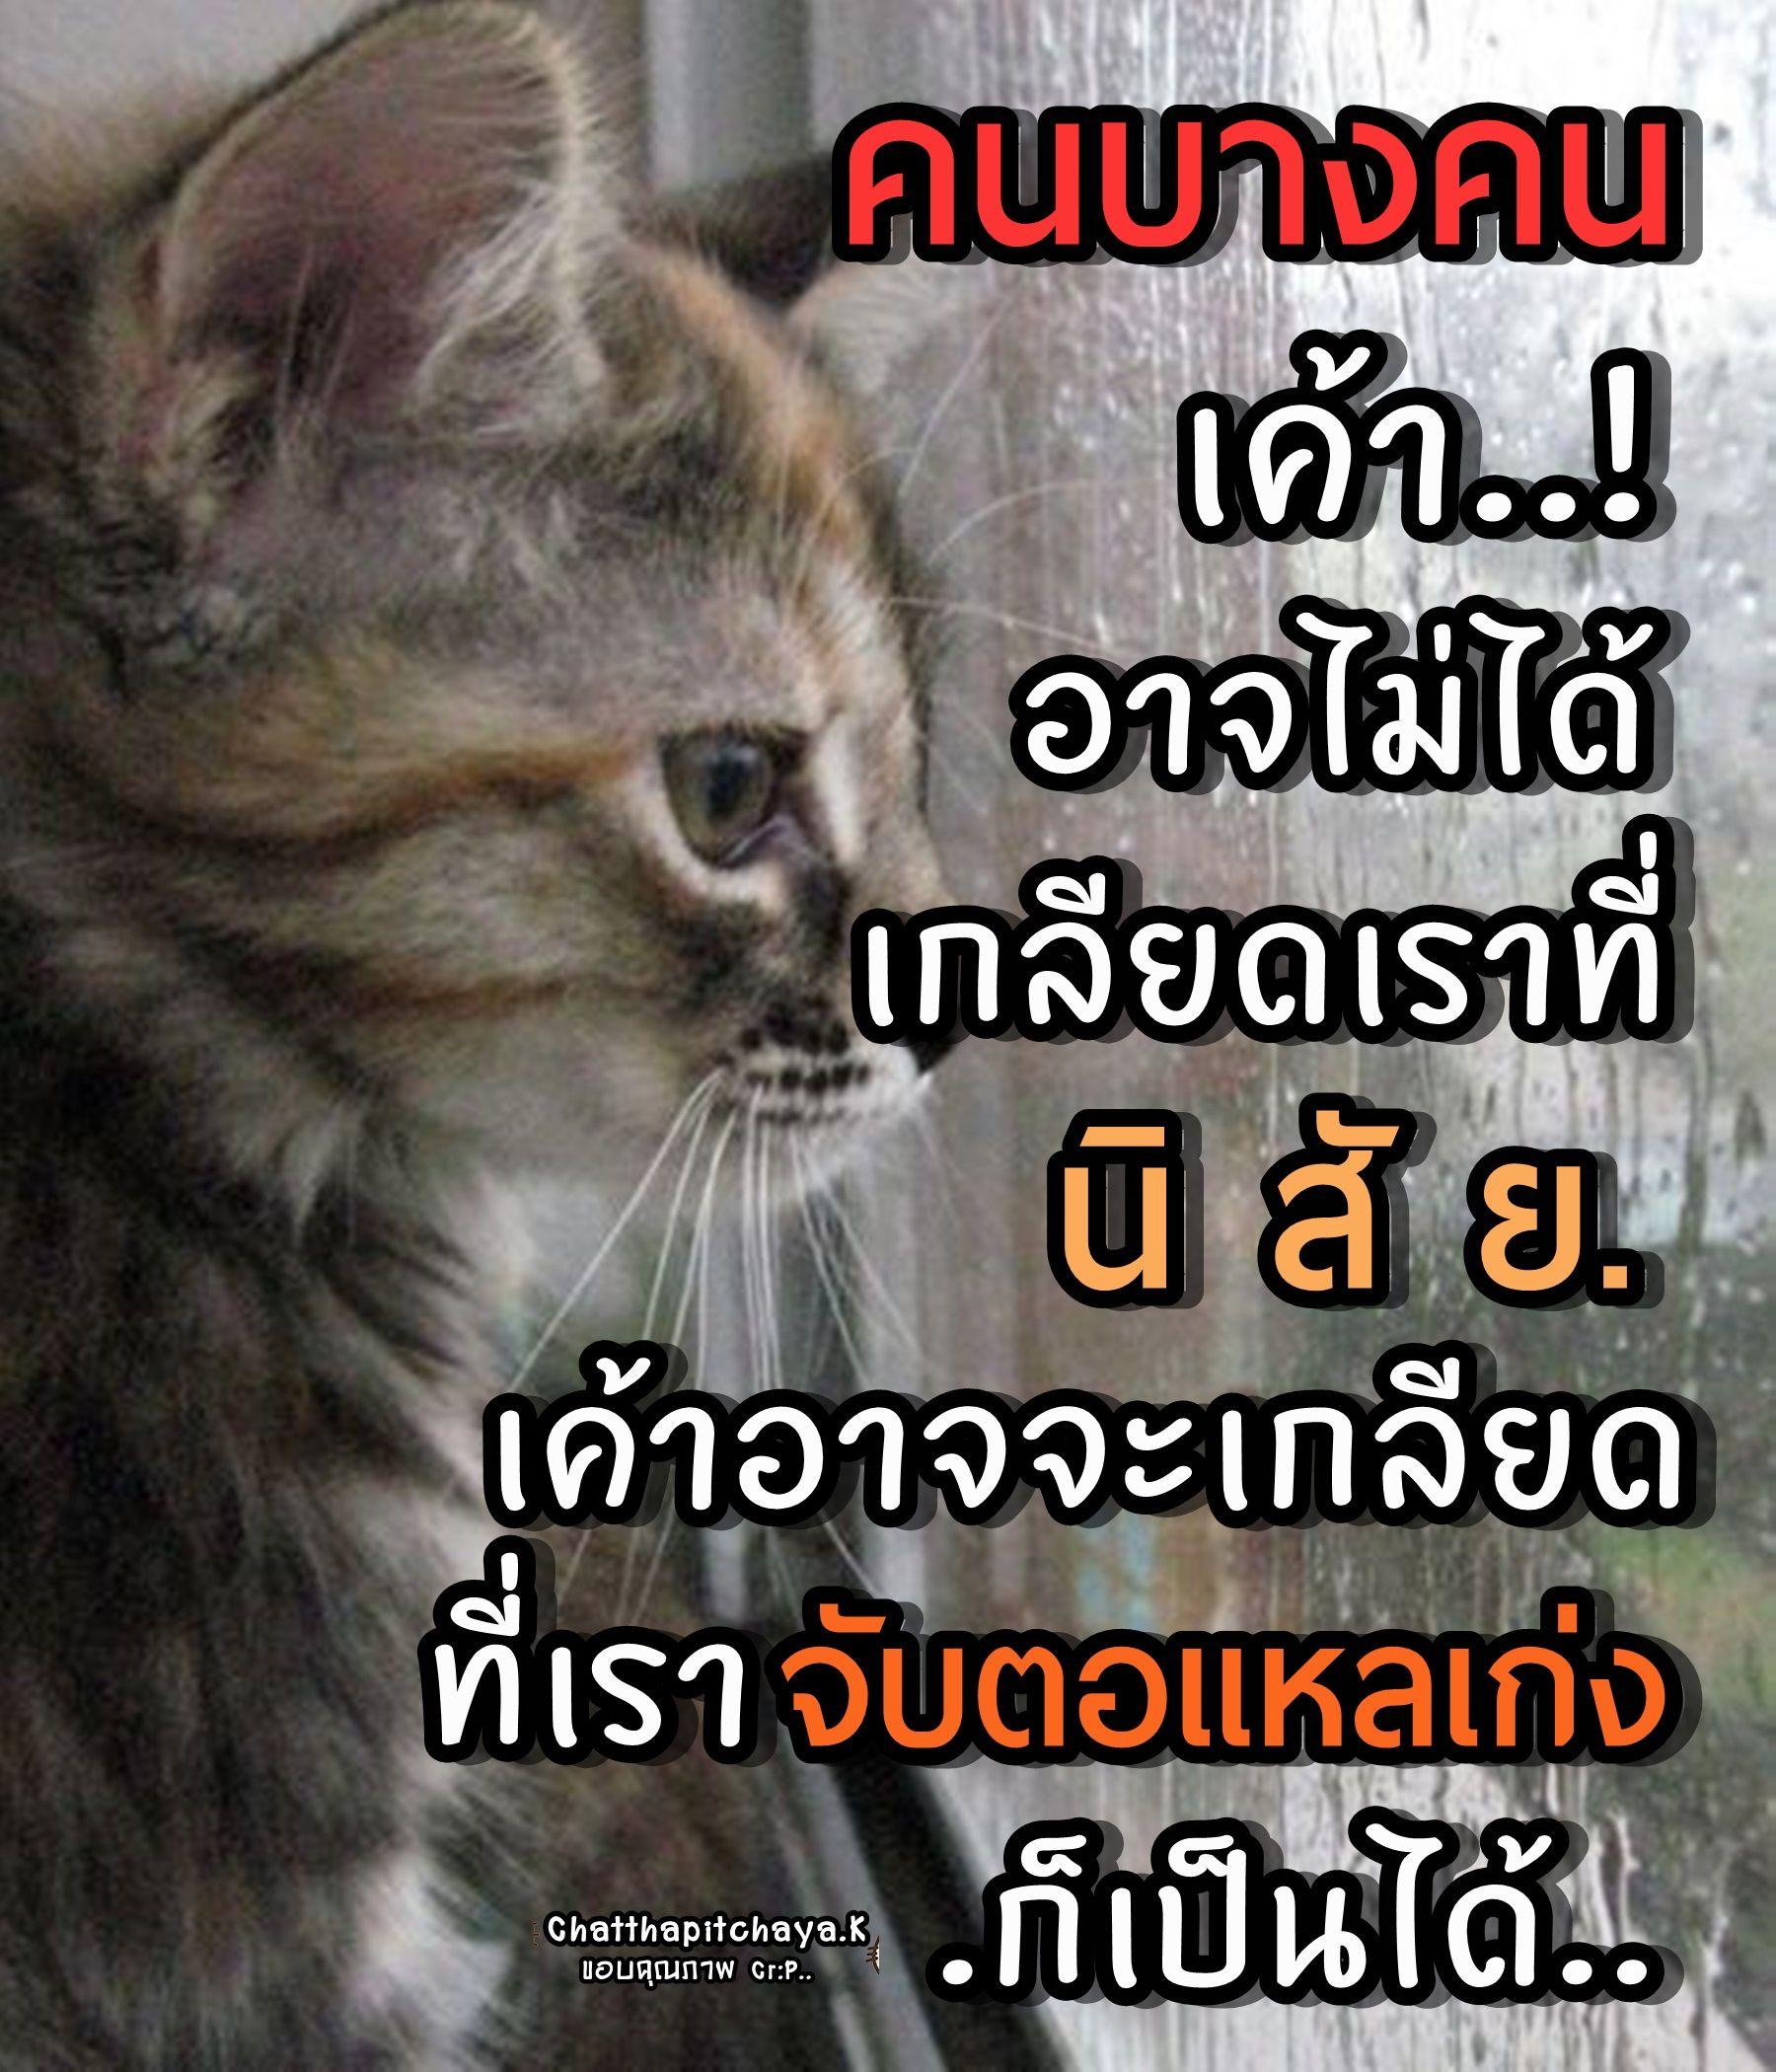 ป กพ นโดย Itsayakorn Mangkronnoppharat ใน คำคมช ว ต คำคมประจำว น คำคมตลก คำคม